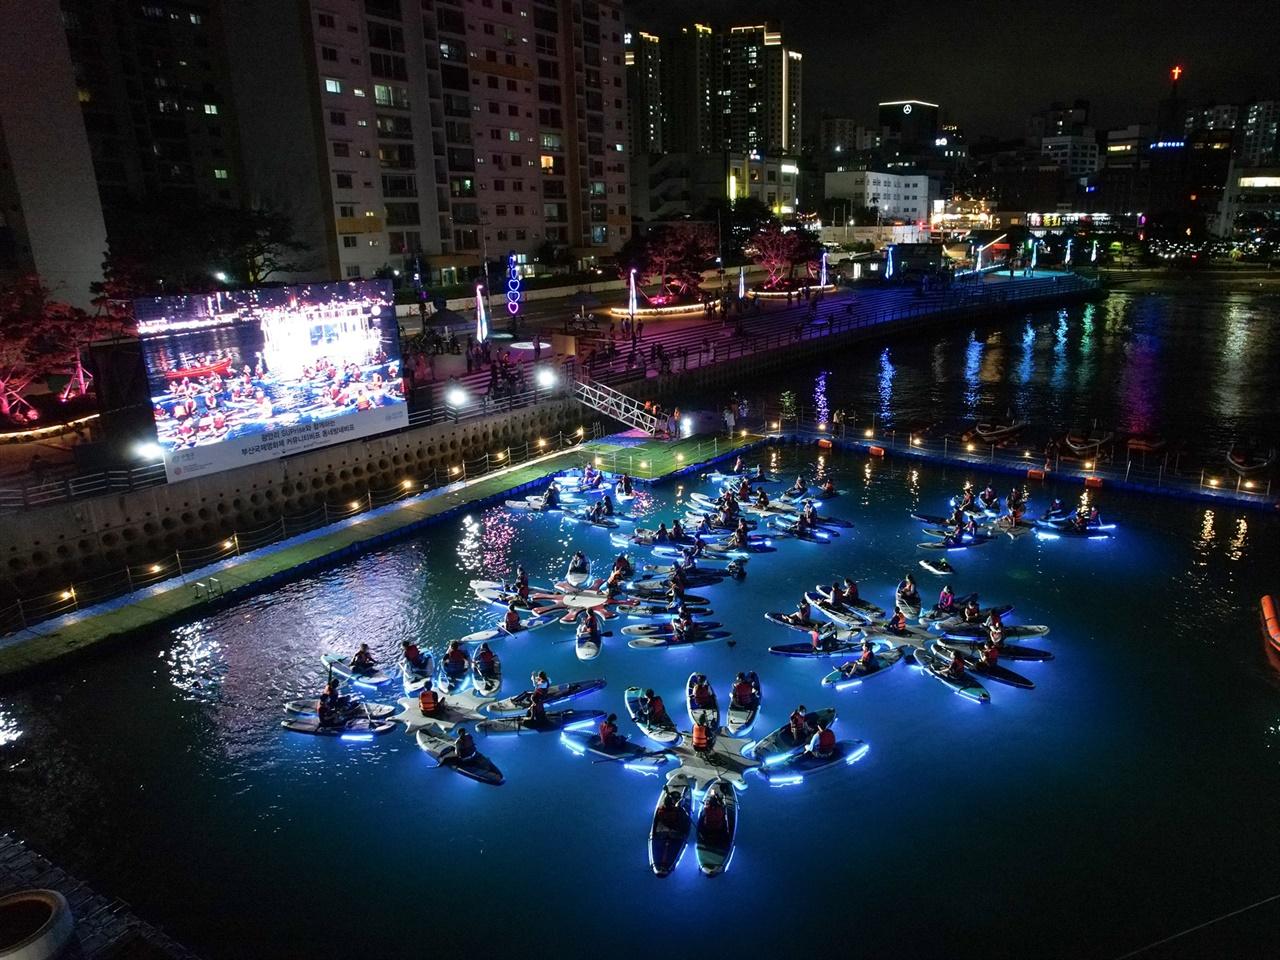 부산 수영구 광안리 해양레포츠센터에서 진행된 동네방네비프 상영. LED 패들보드를 타고 영화를 보는 특별한 관람이었다.